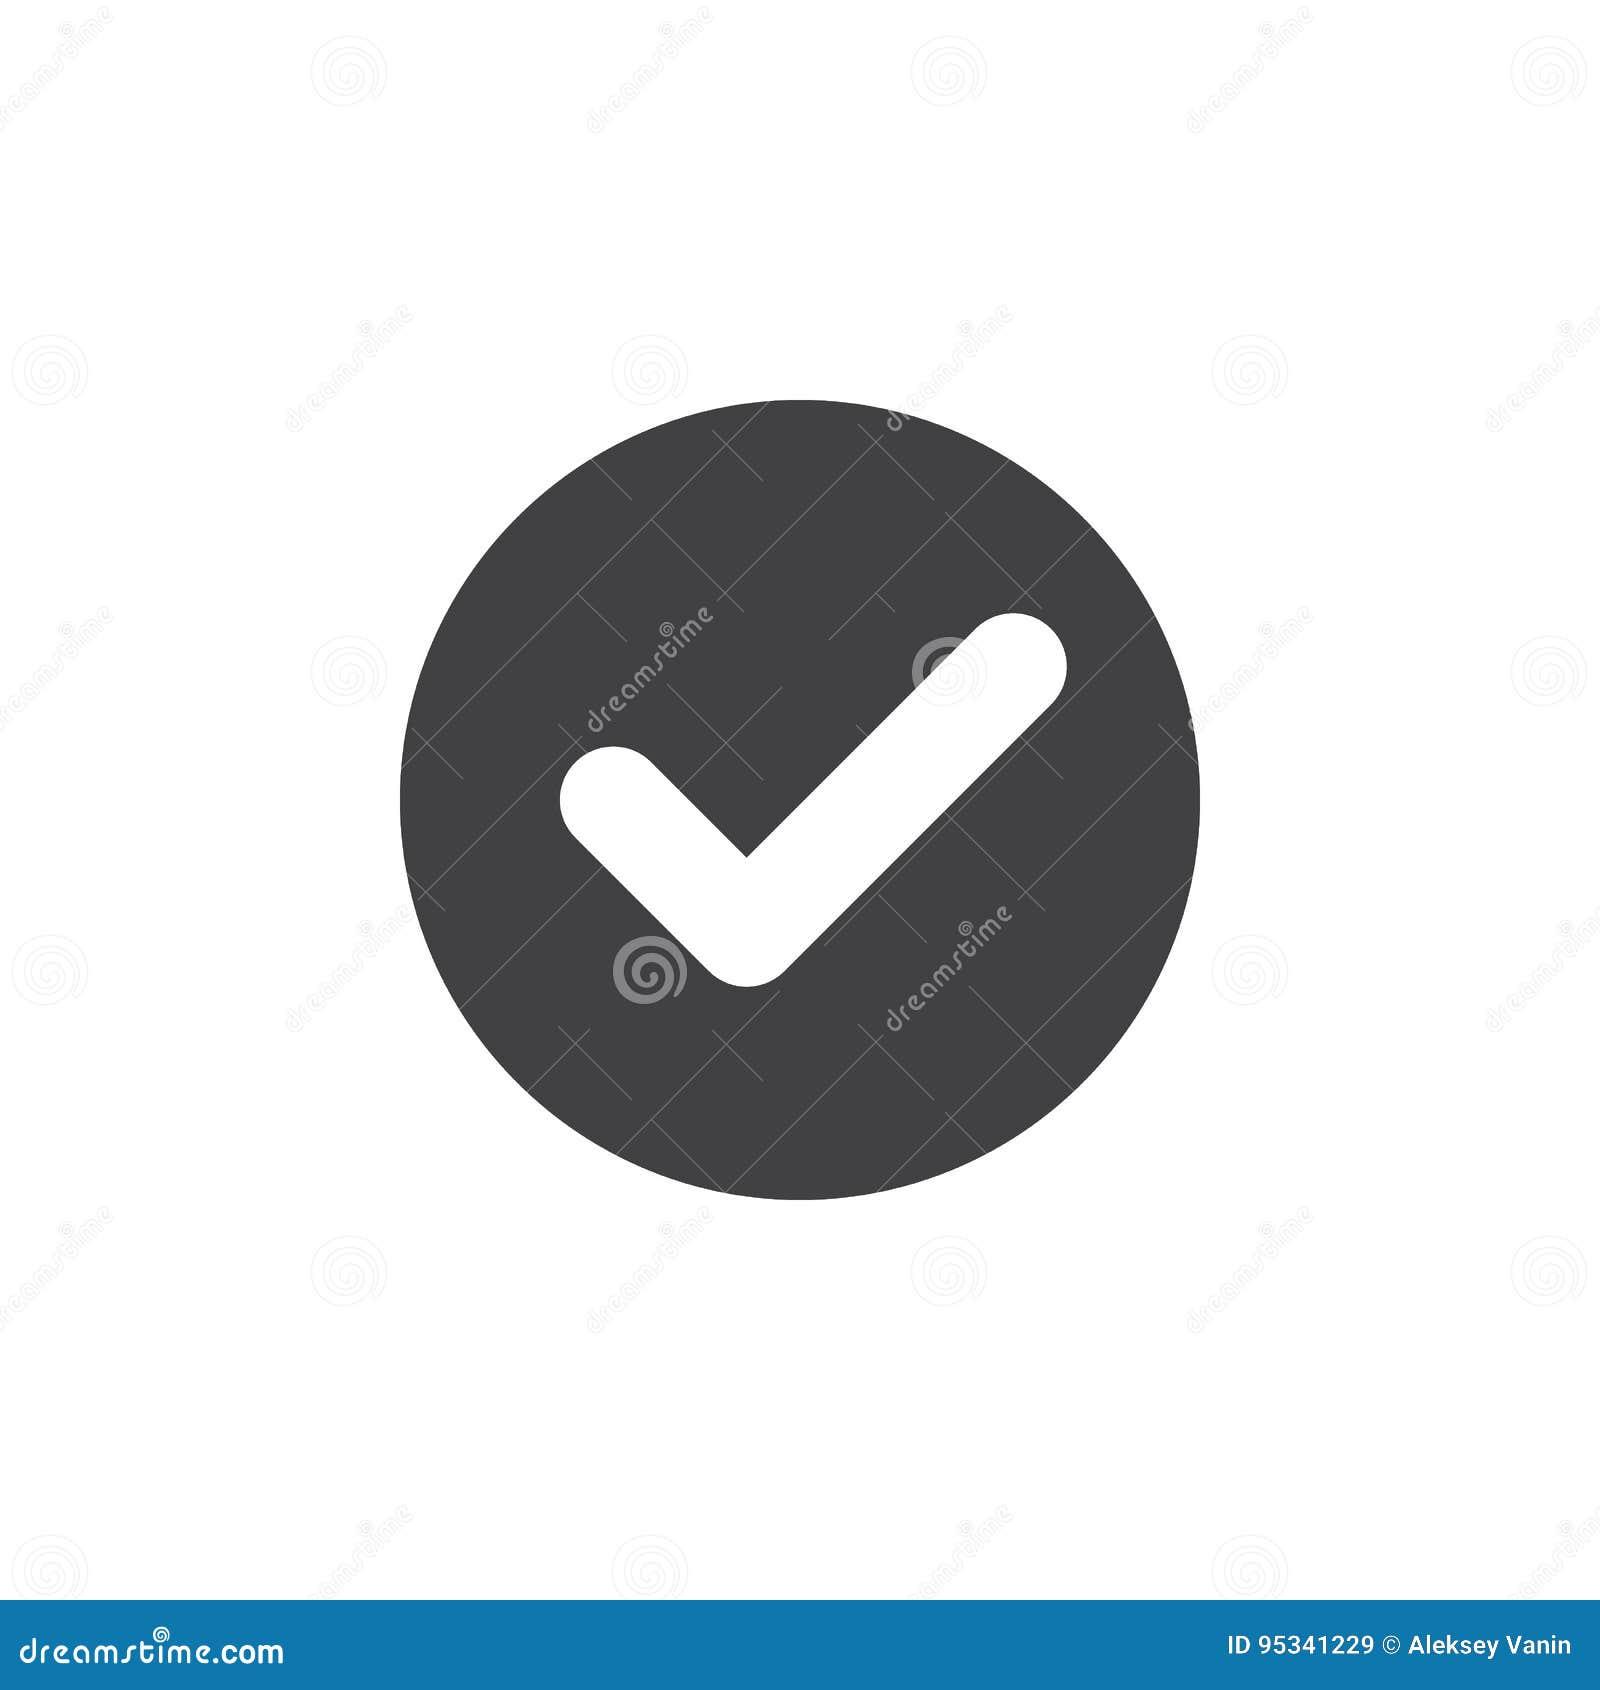 Check, checkmark flat icon. Round simple button, circular vector sign.